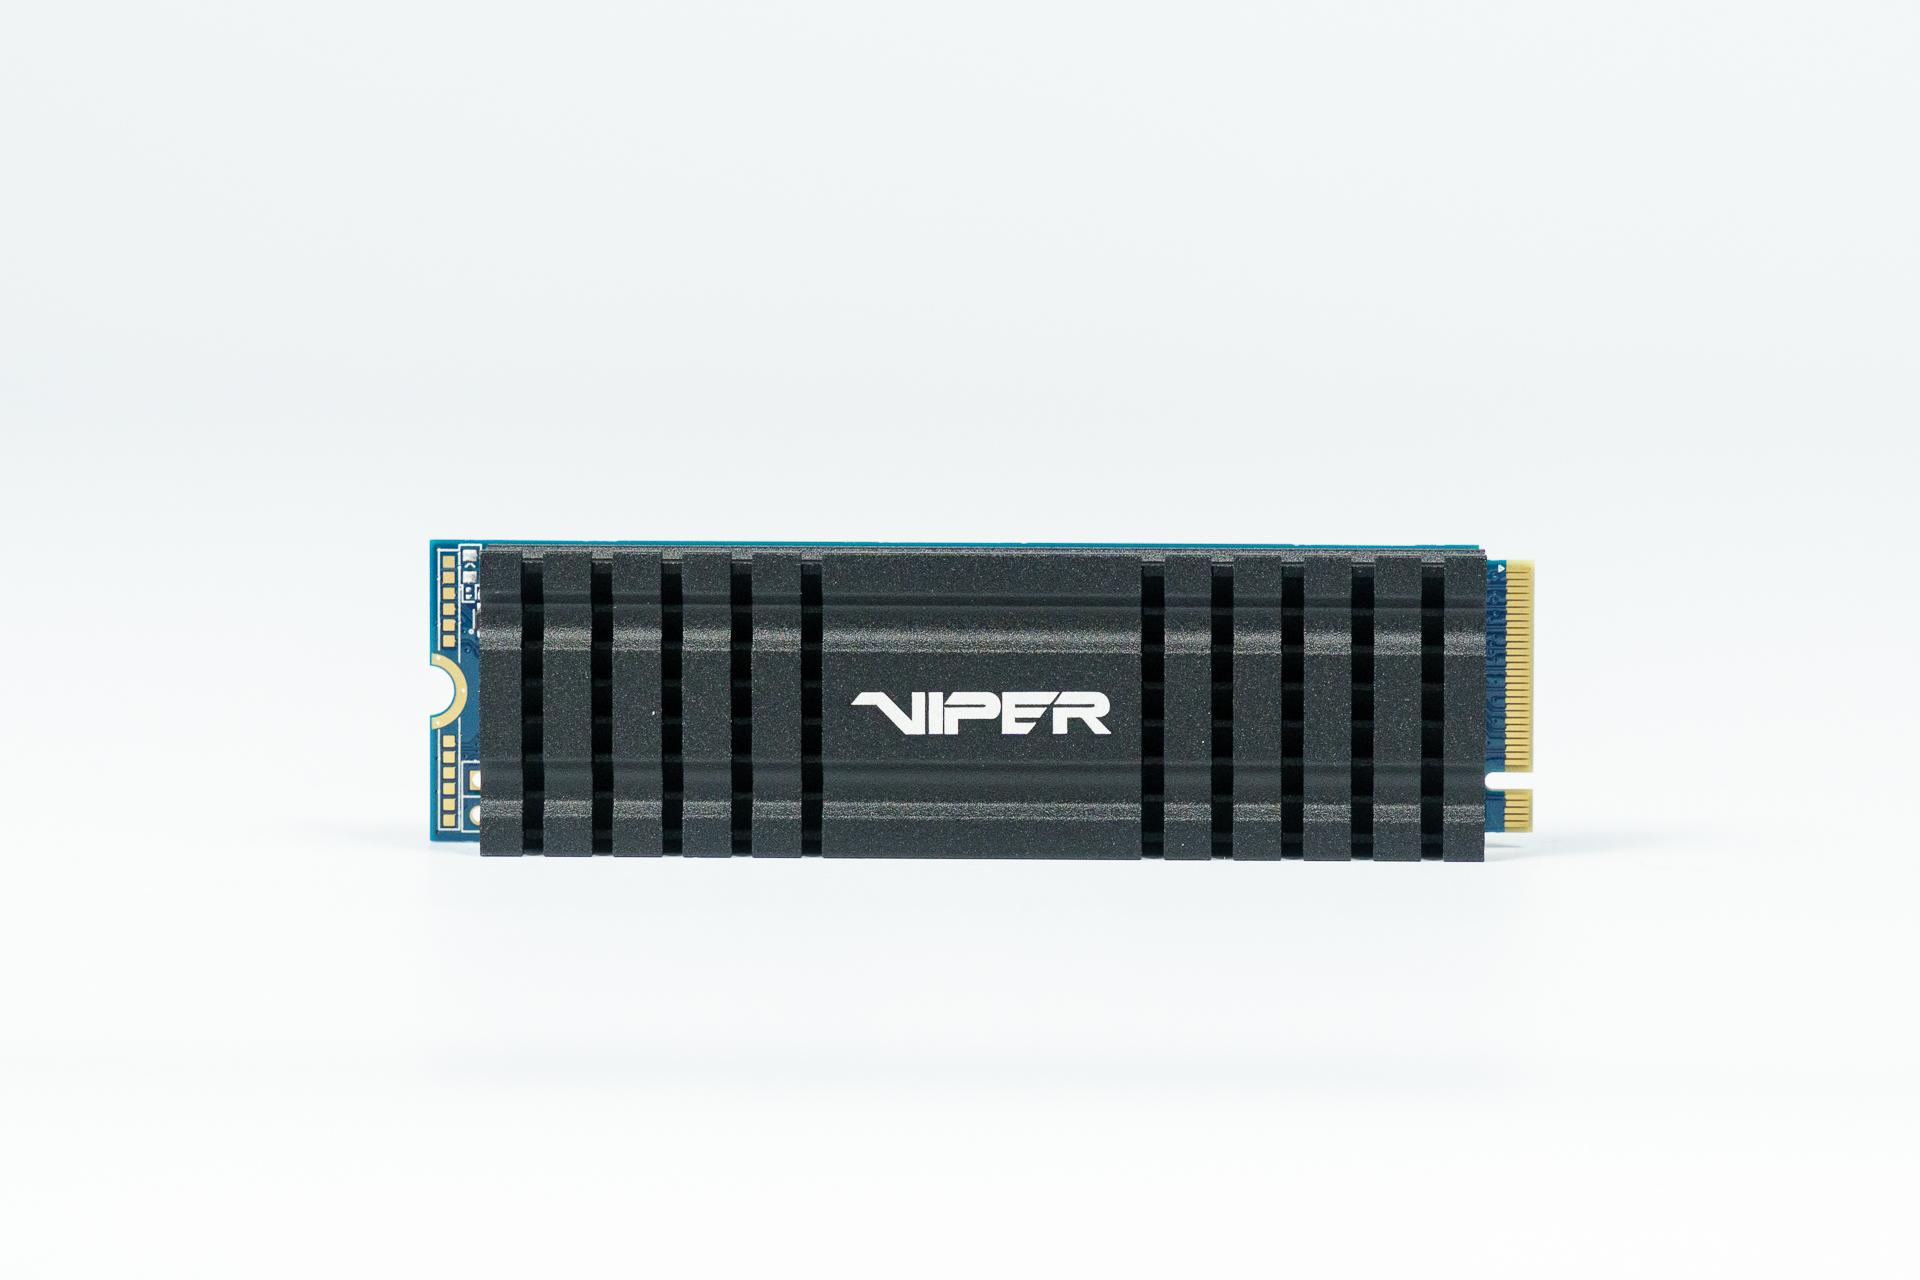 Recenzja Patriot Viper VPN100 - czy SSD powinien mieć chłodzenie? 19